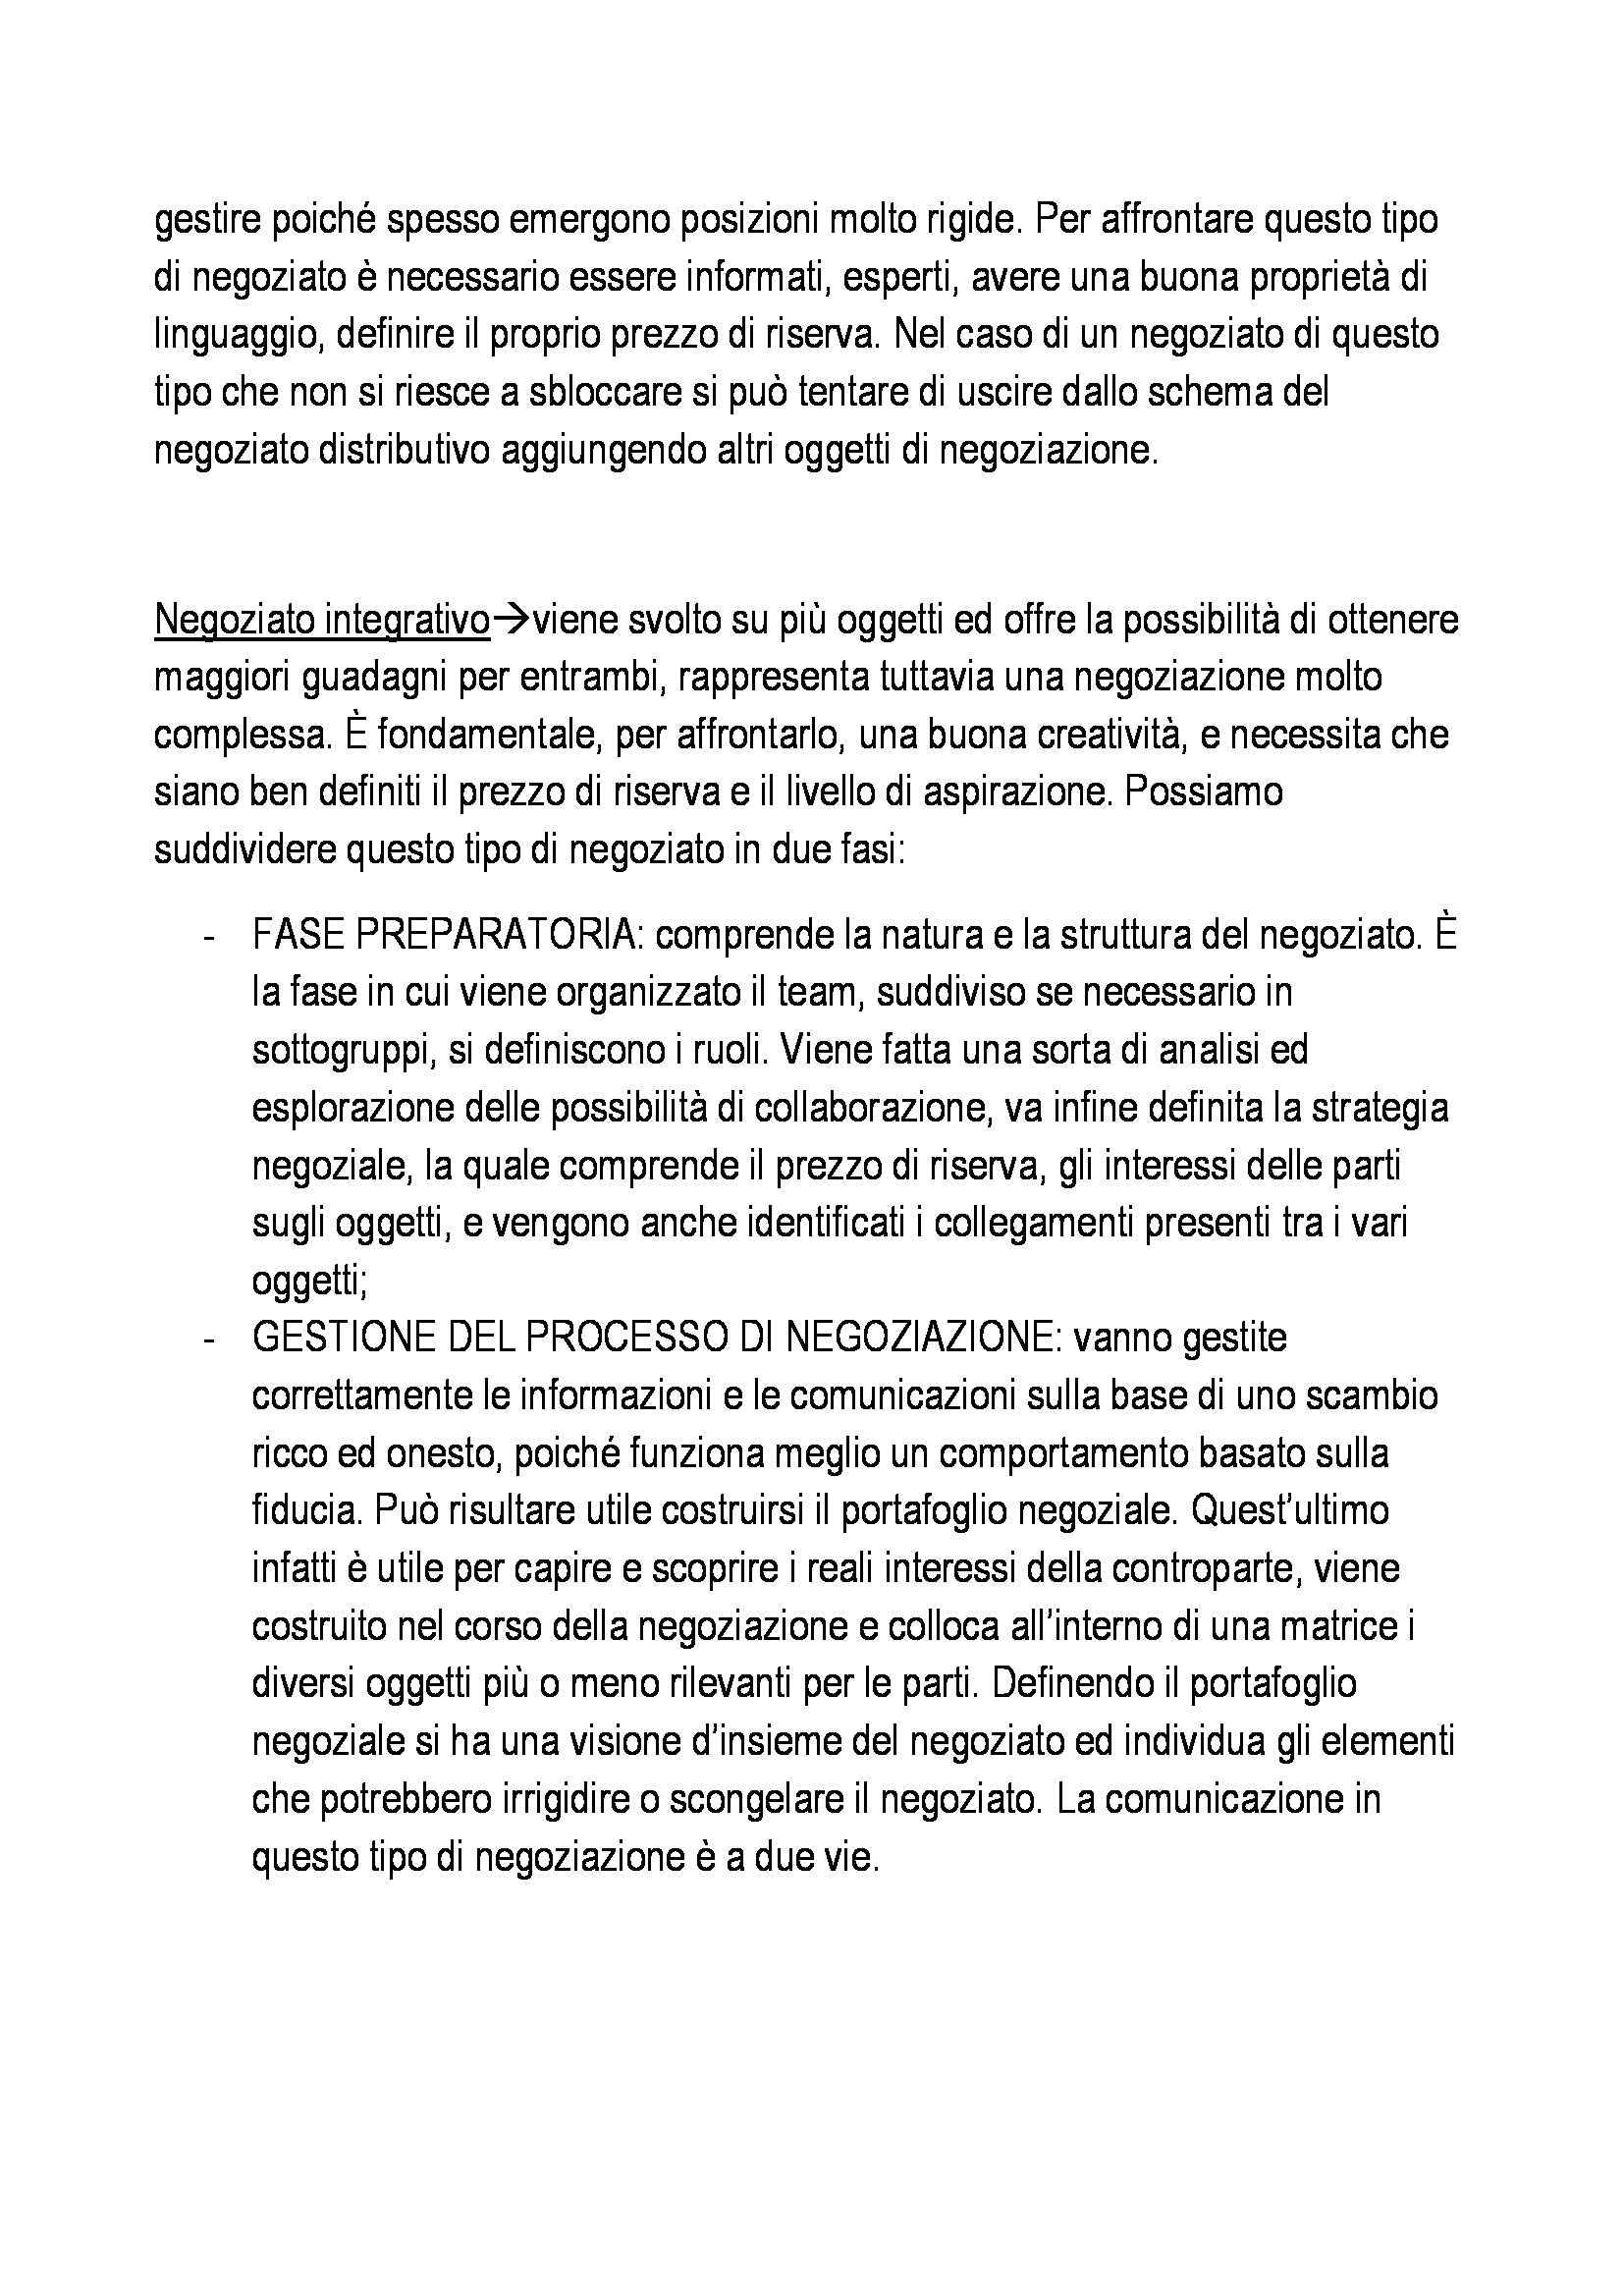 Organizzazione aziendale - Appunti Pag. 36